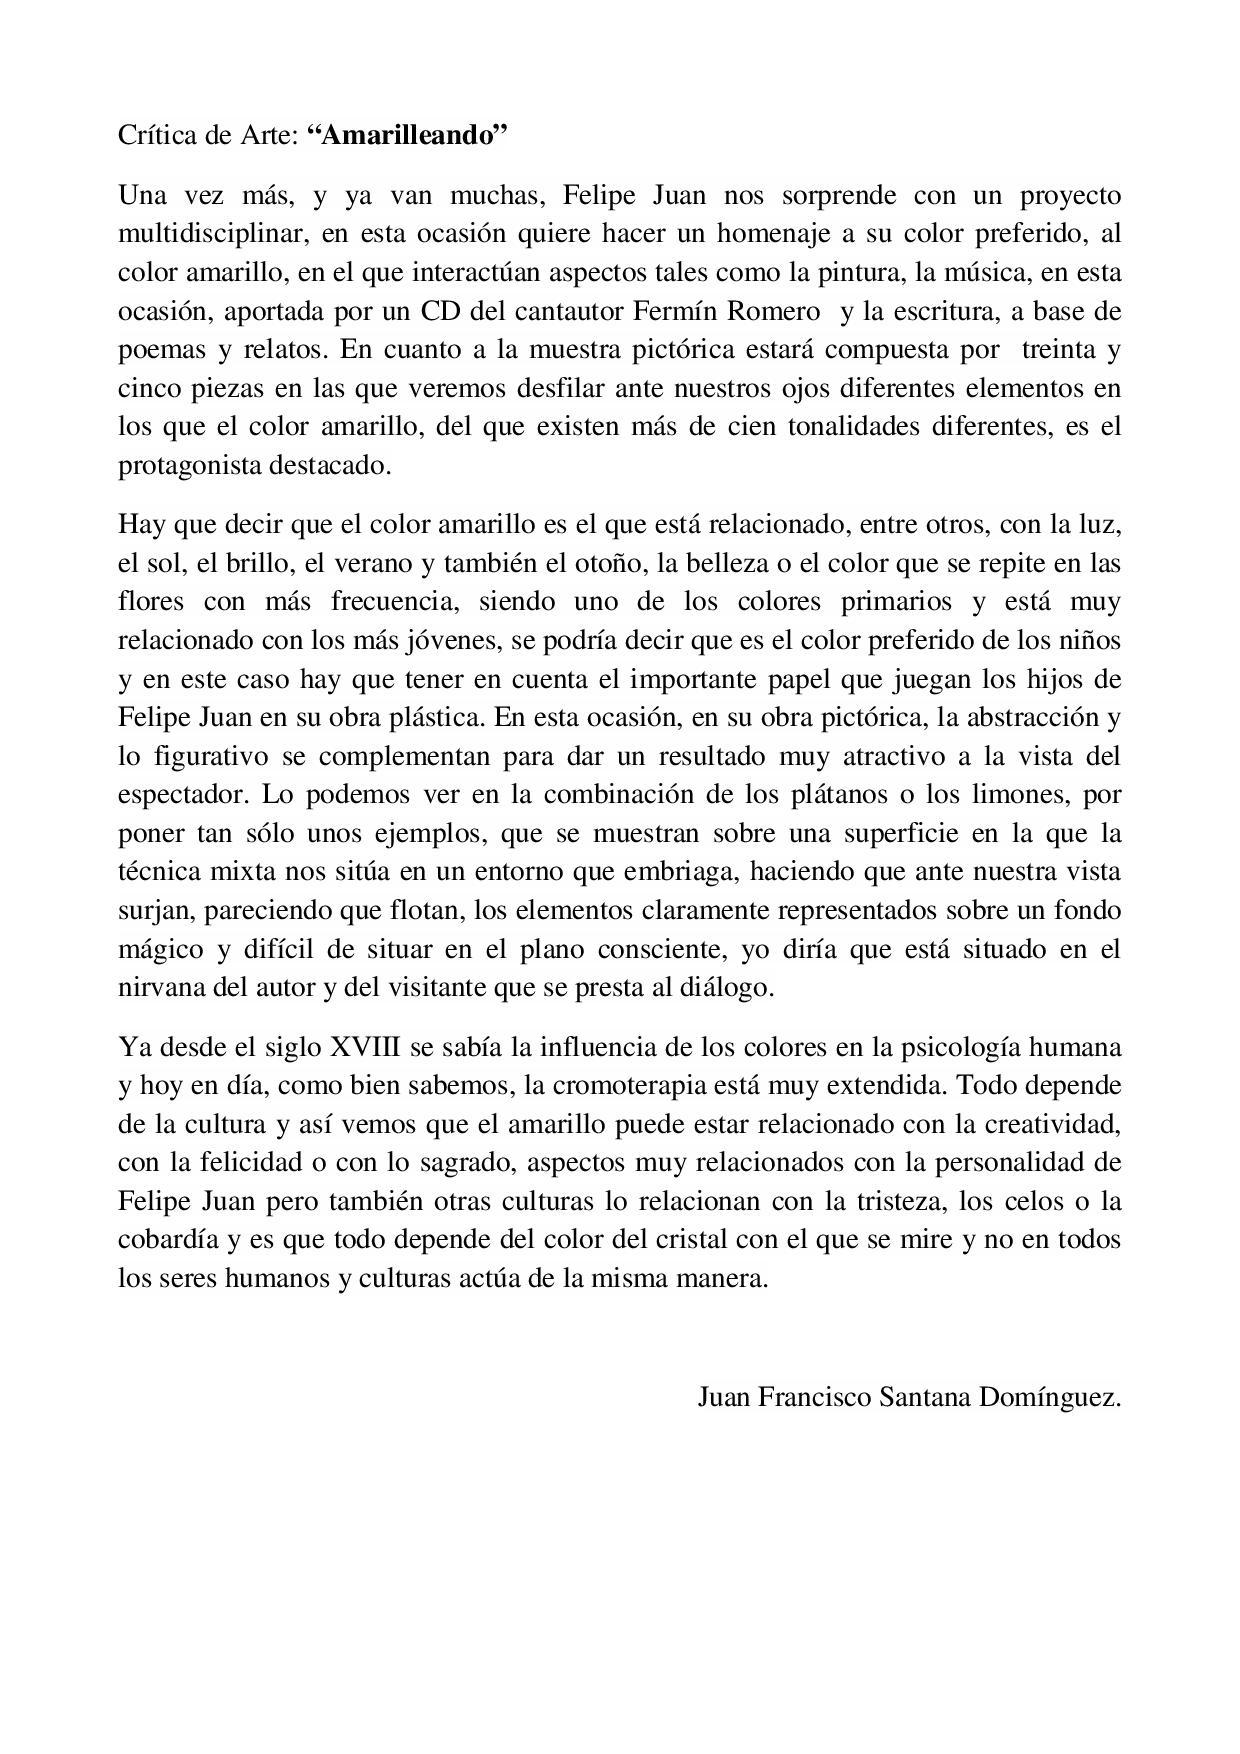 Textos Críticos_selecció_38